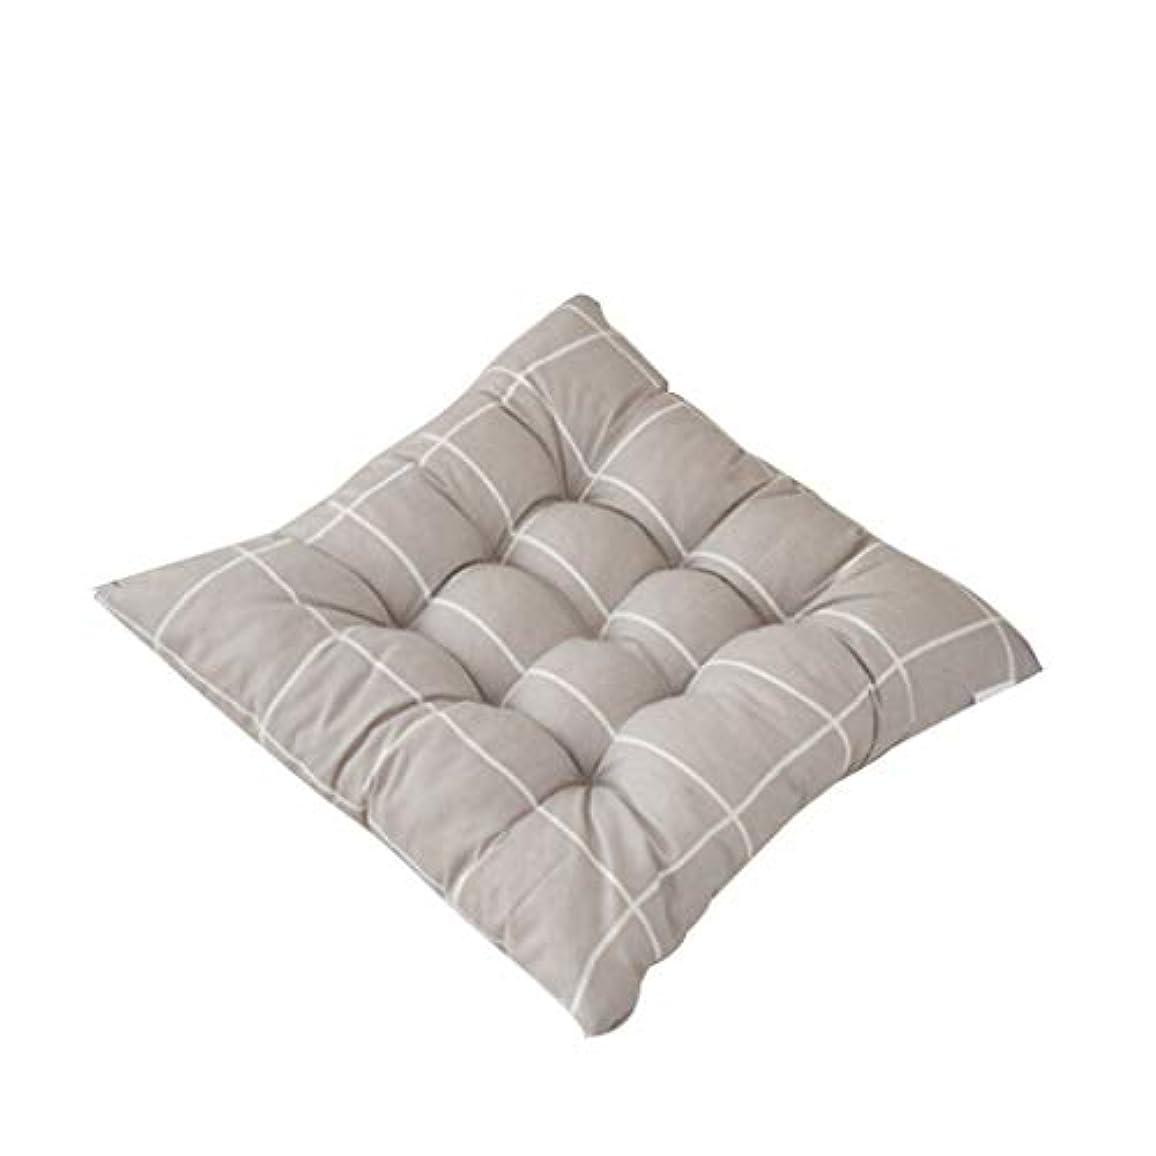 避難立派なシルクLIFE 正方形の椅子パッド厚いシートクッションダイニングパティオホームオフィス屋内屋外ガーデンソファ臀部クッション 40 × 40 センチメートル クッション 椅子